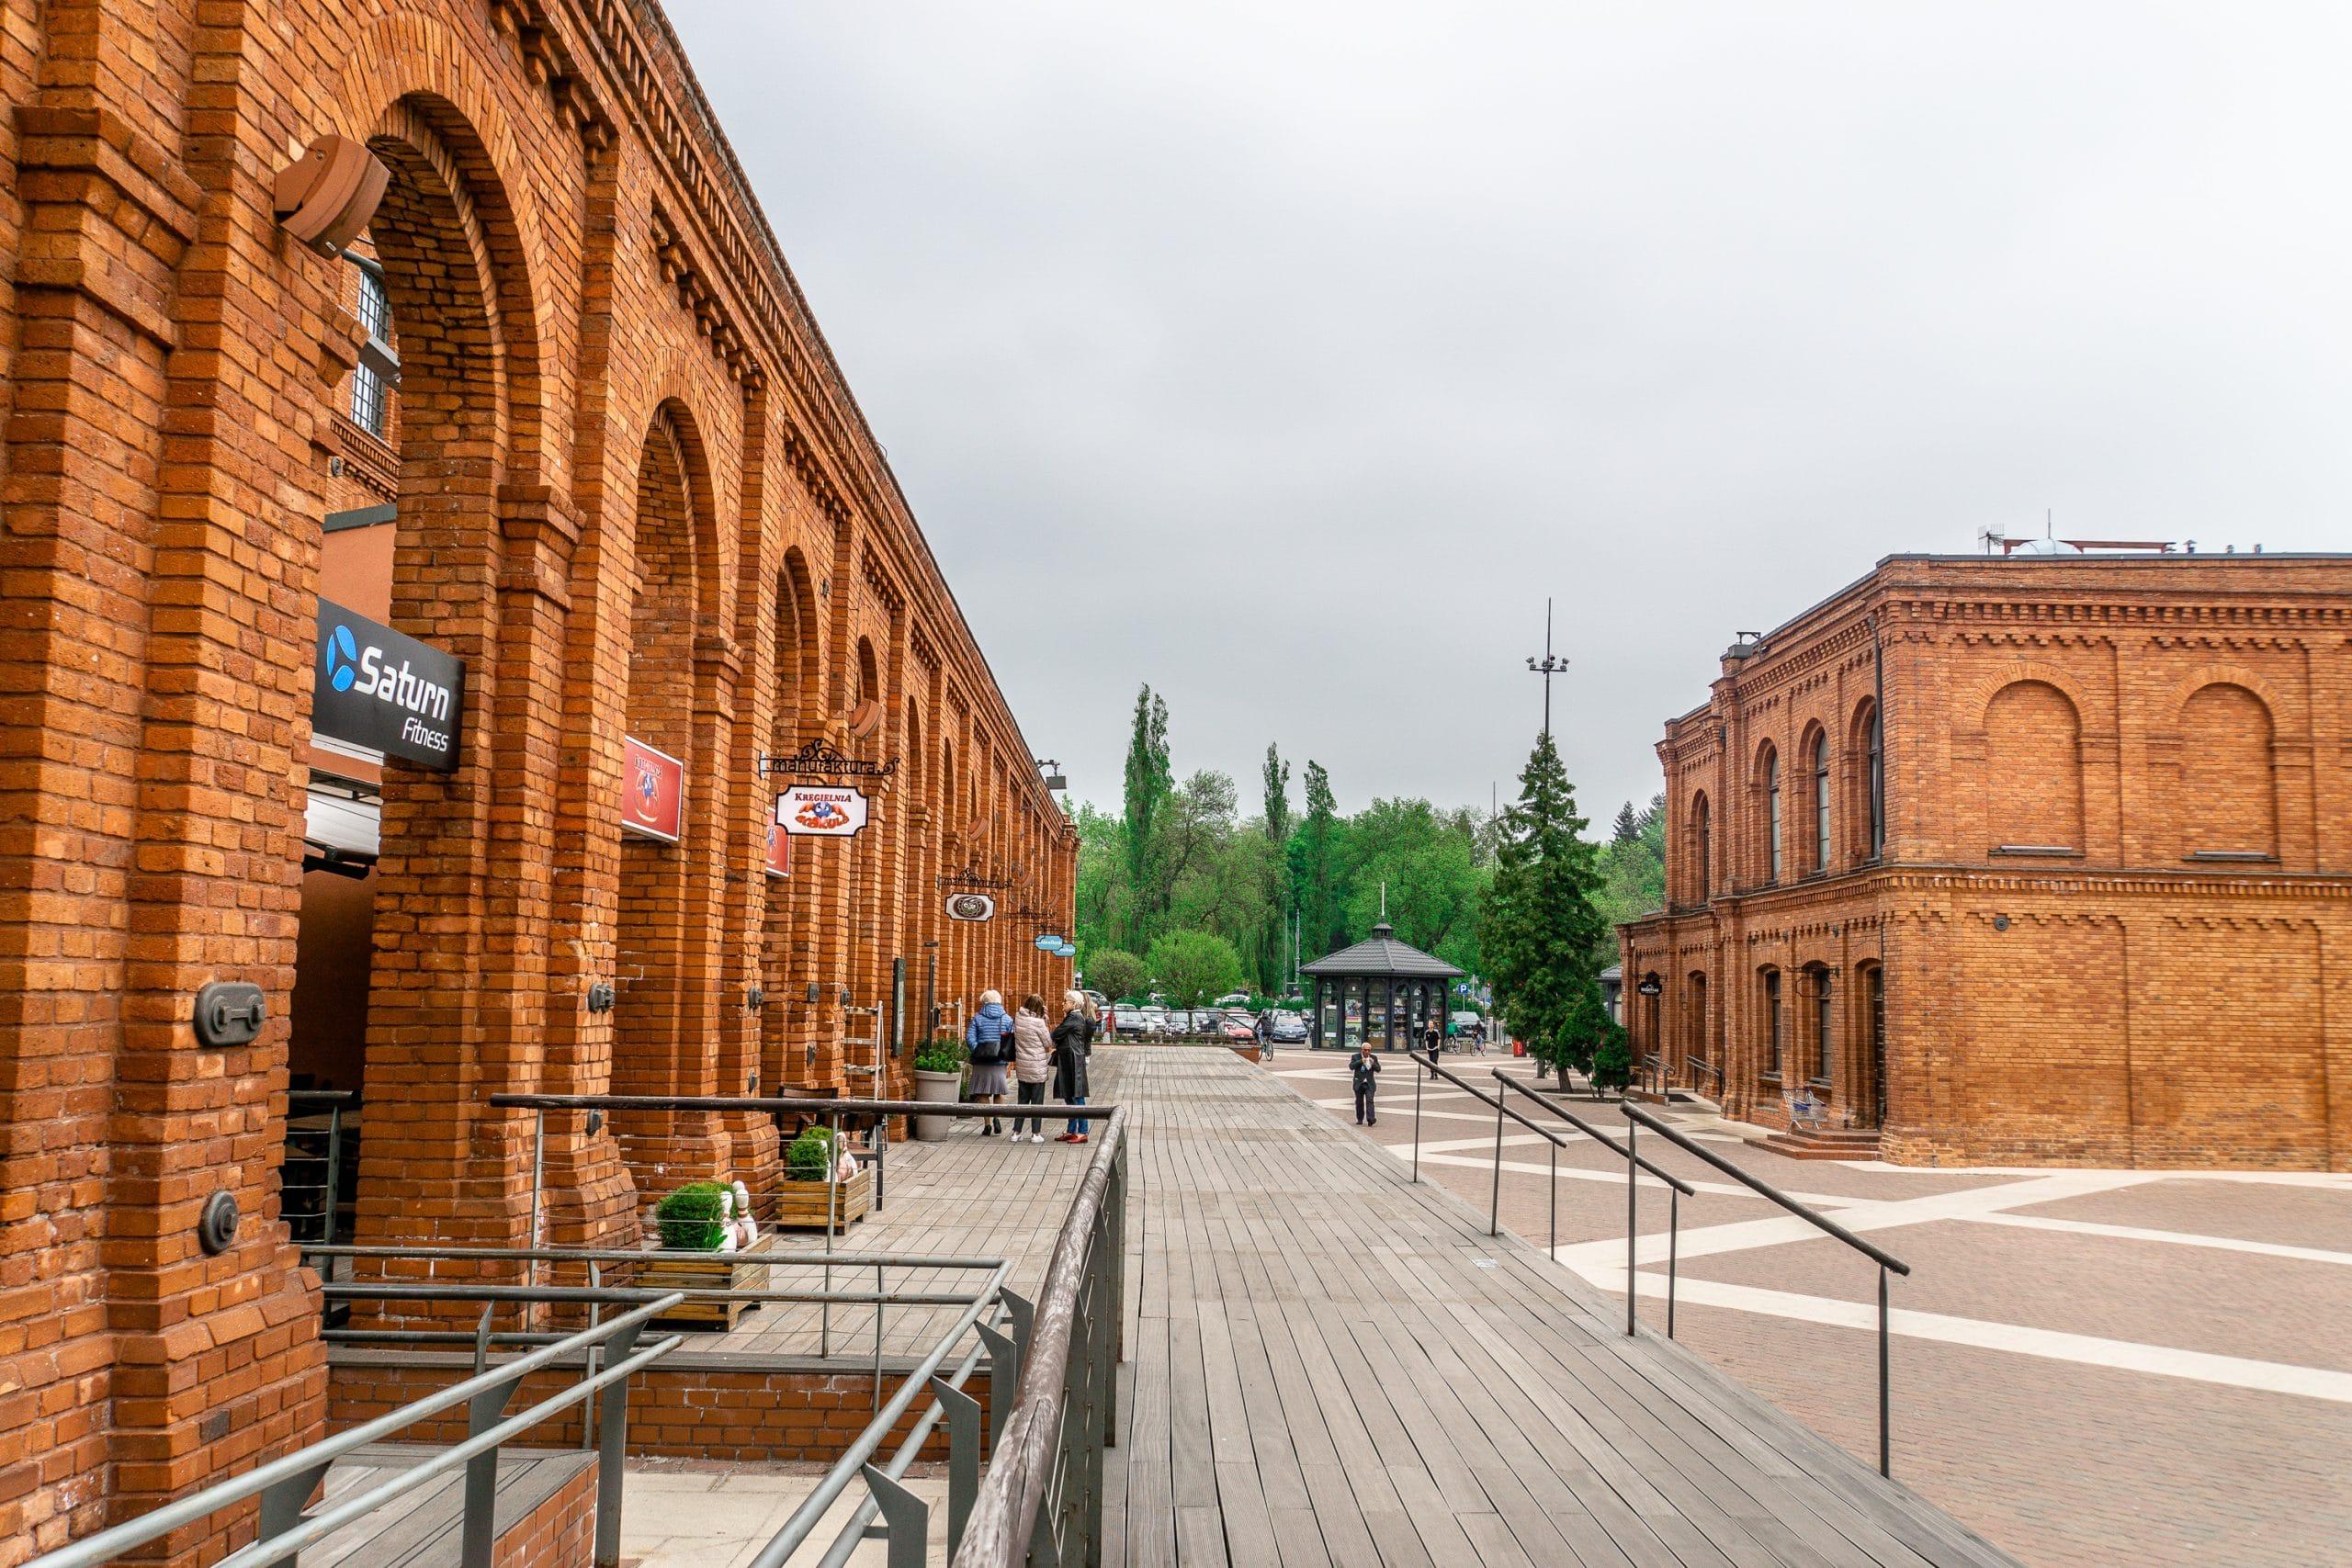 Lodz Top Ten Sehenswürdigkeiten - Highlights für euren Städtetrip in Polen - Manufaktura